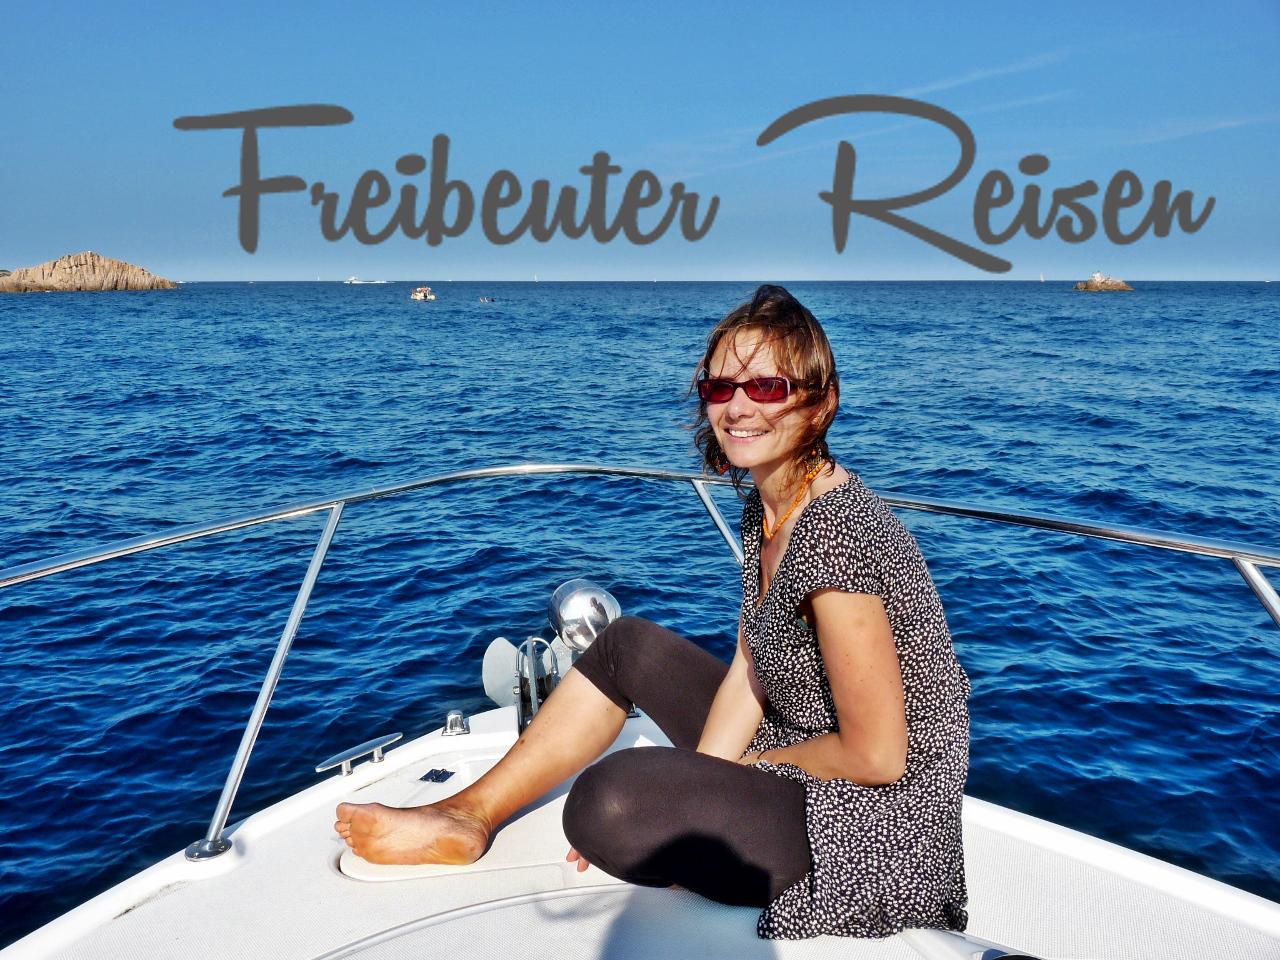 Freibeuter Reisen costa brava Nicole Reiseblogger kodex